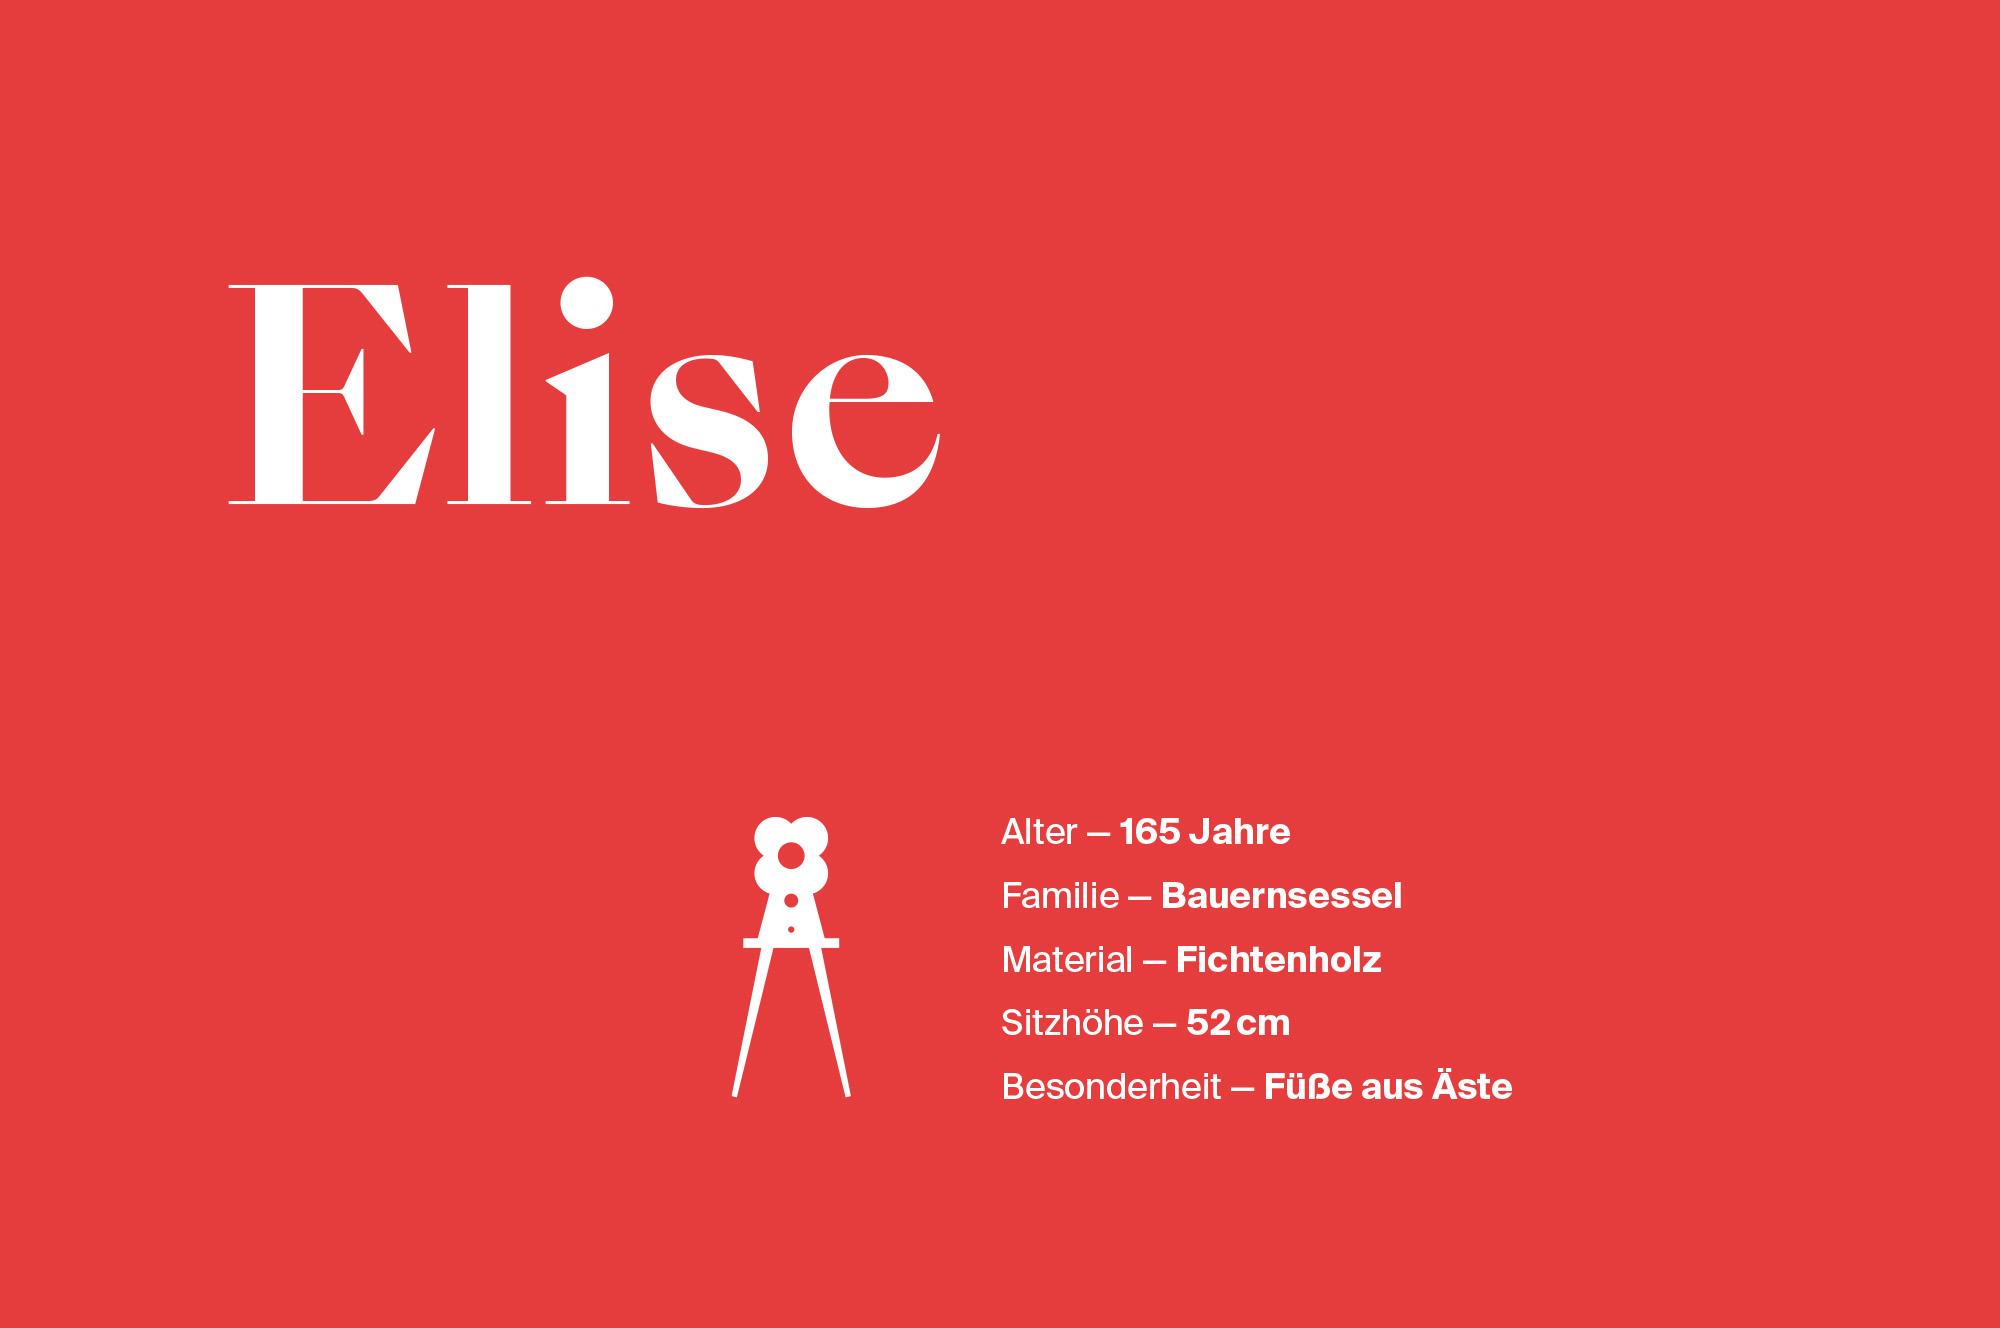 Passionswege_studiotut-Elise